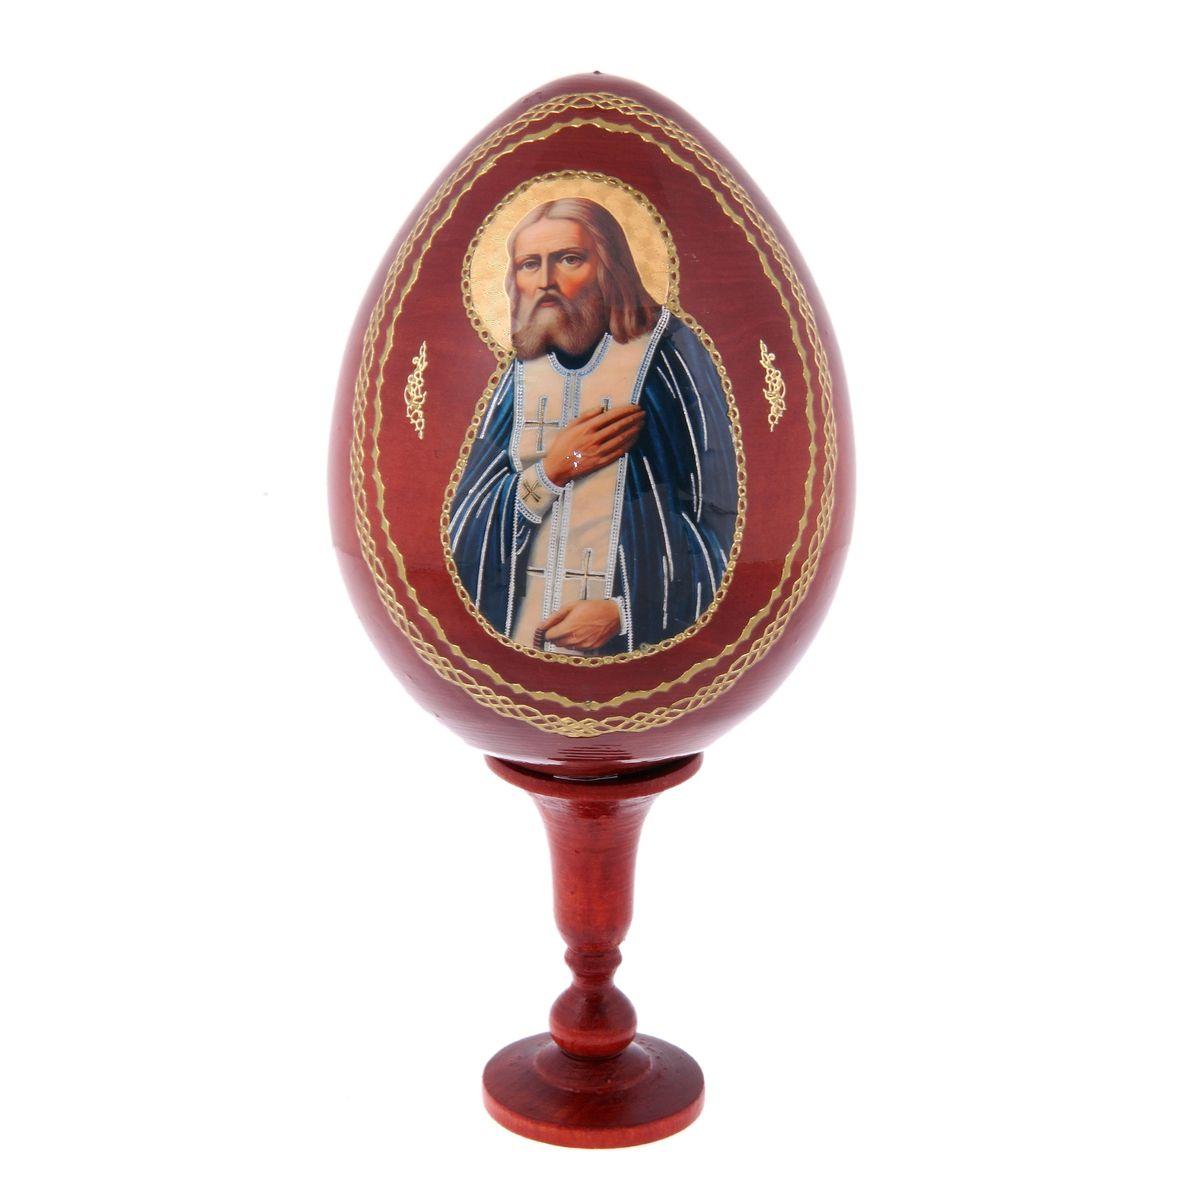 Яйцо декоративное Sima-land Серафим Саровский, на подставке, высота 21 см sima land антистрессовая игрушка заяц хрустик 05 цвет красный